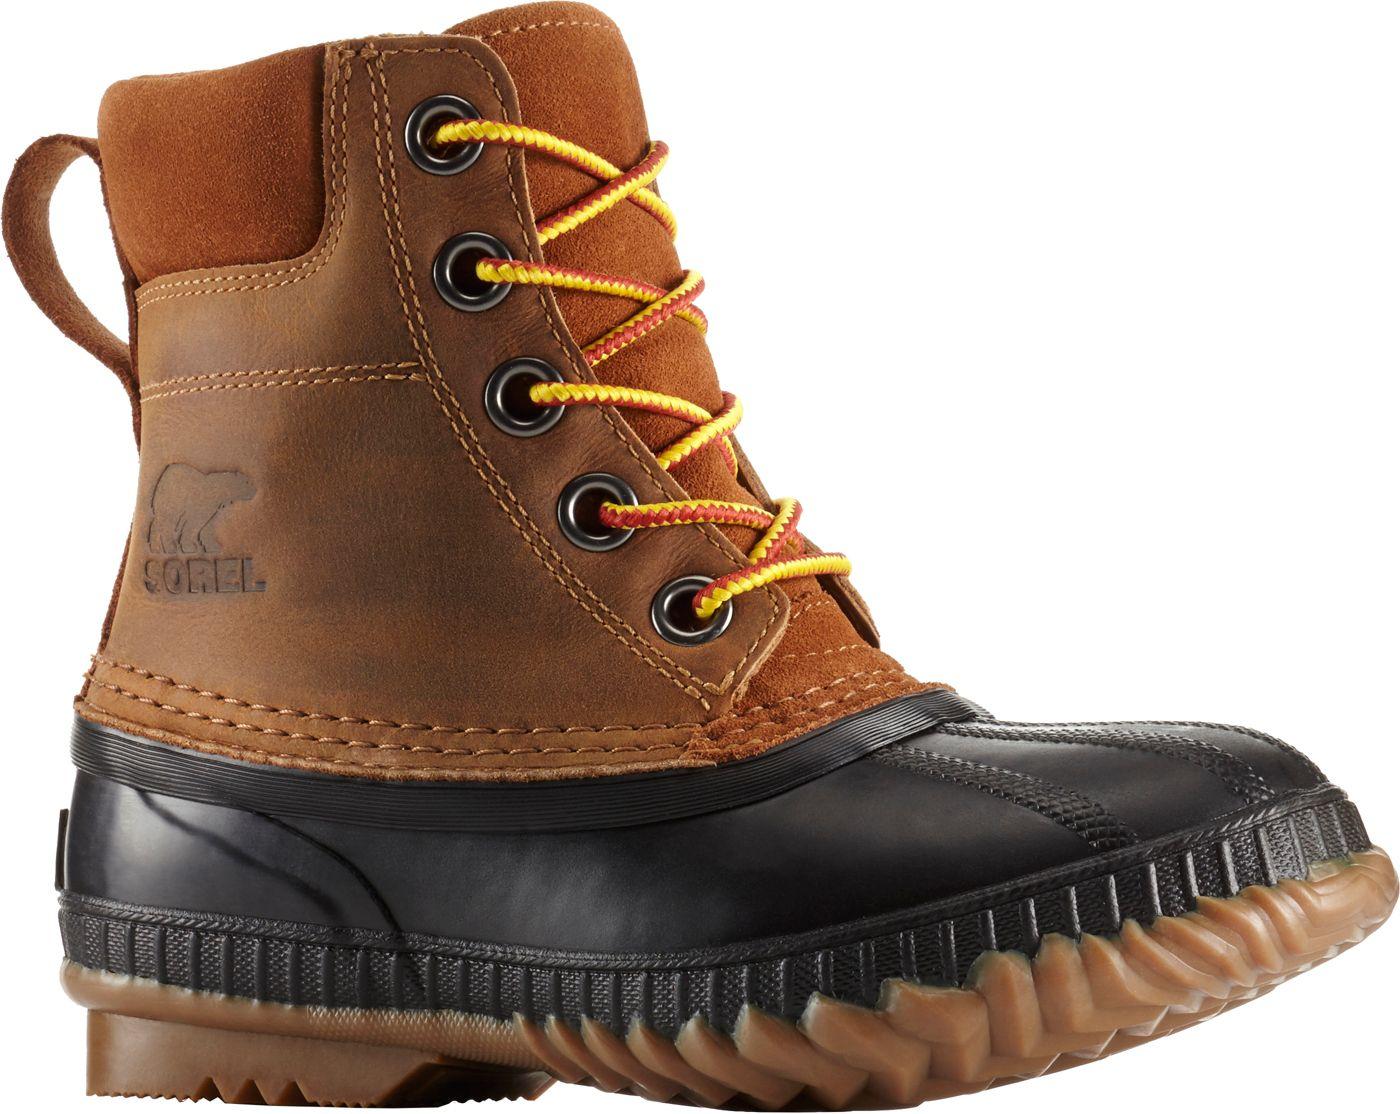 SOREL Kids' Cheyanne II Leather 200g Waterproof Winter Boots